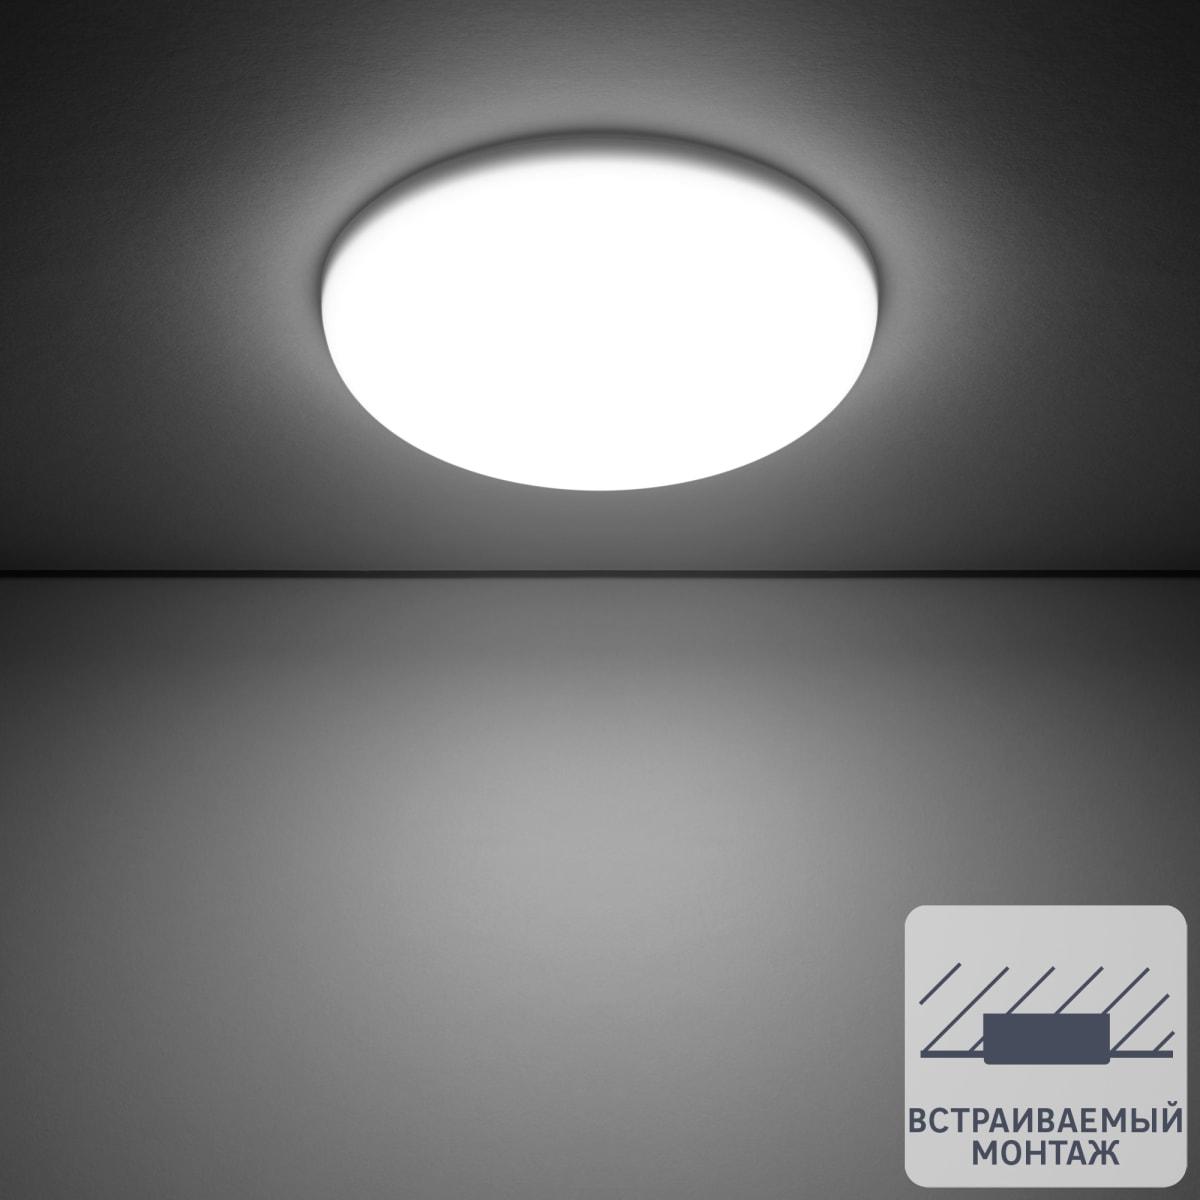 Светильник точечный светодиодный встраиваемый Gauss Frameless под отверстие 106 мм, 5 м², белый свет, цвет белый